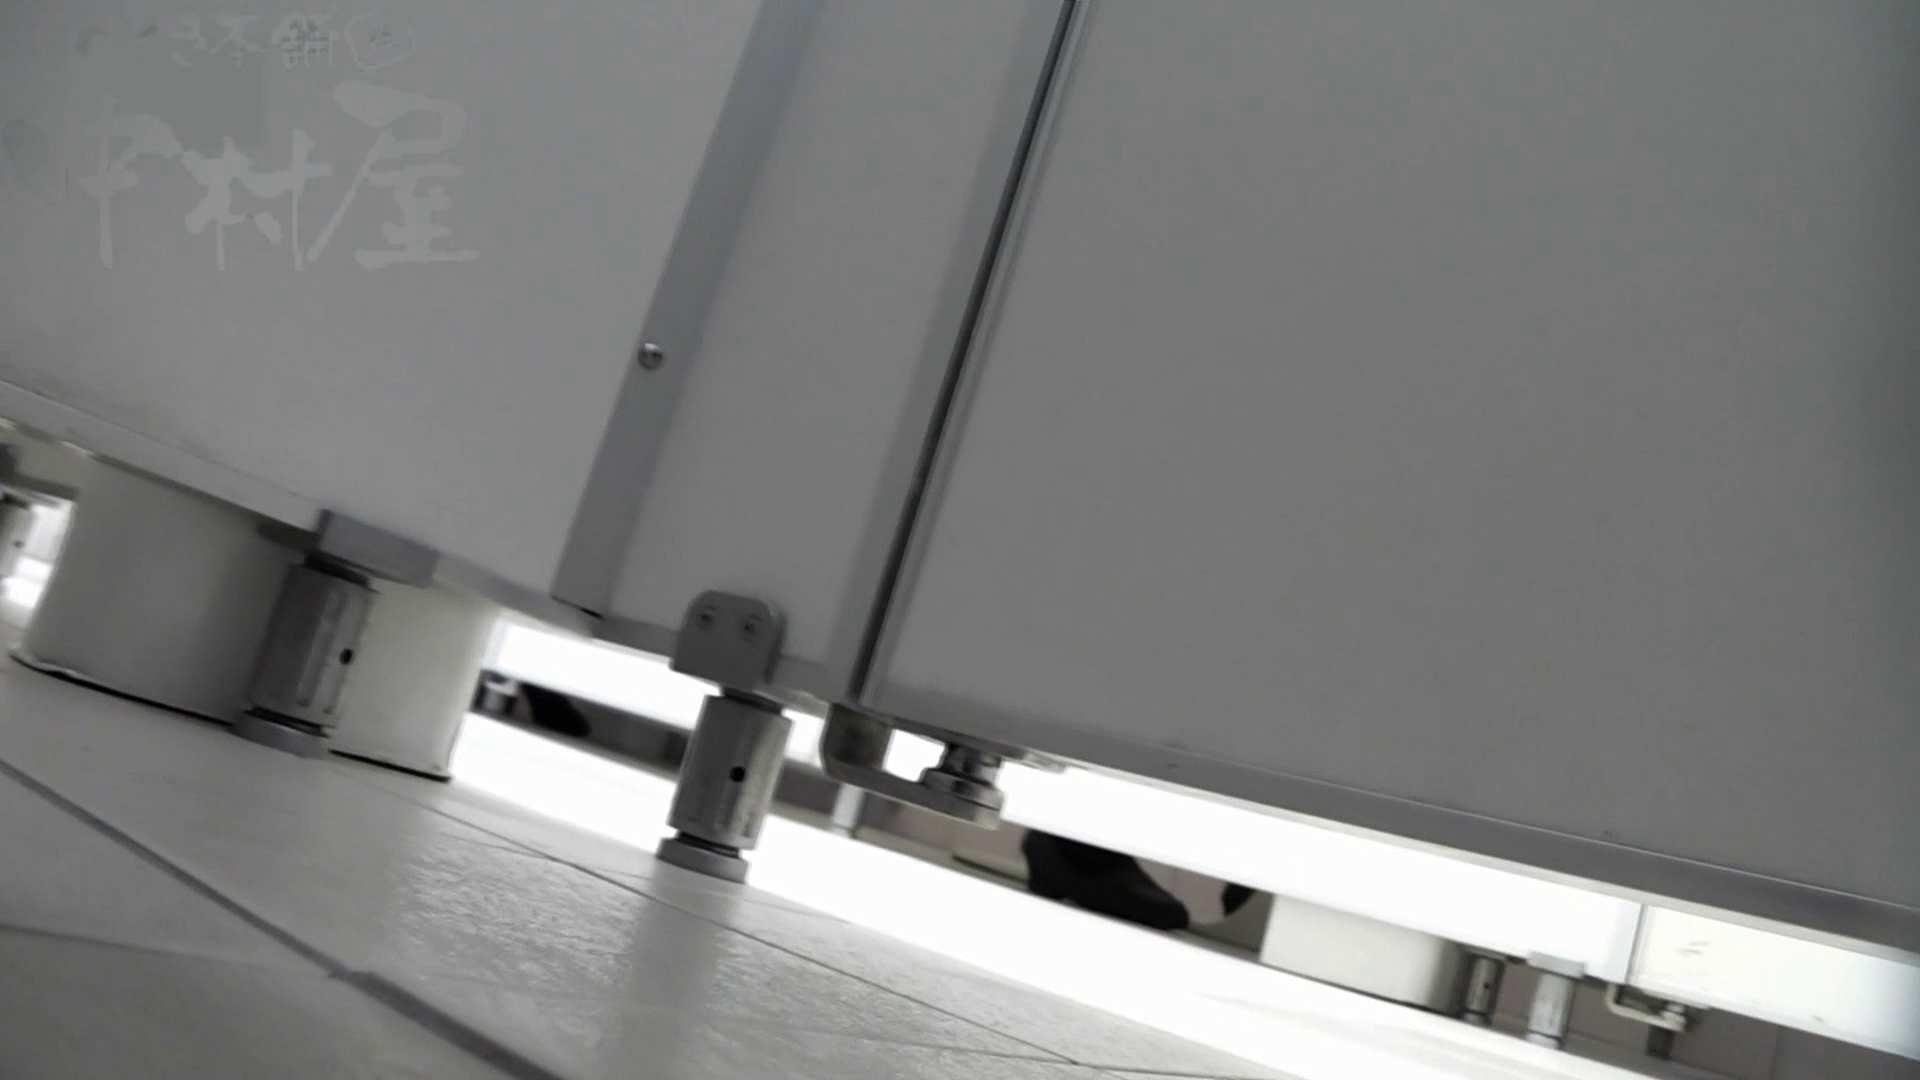 美しい日本の未来 No.06 更に侵入フロント究極な画質 お尻 ワレメ動画紹介 75PIX 59